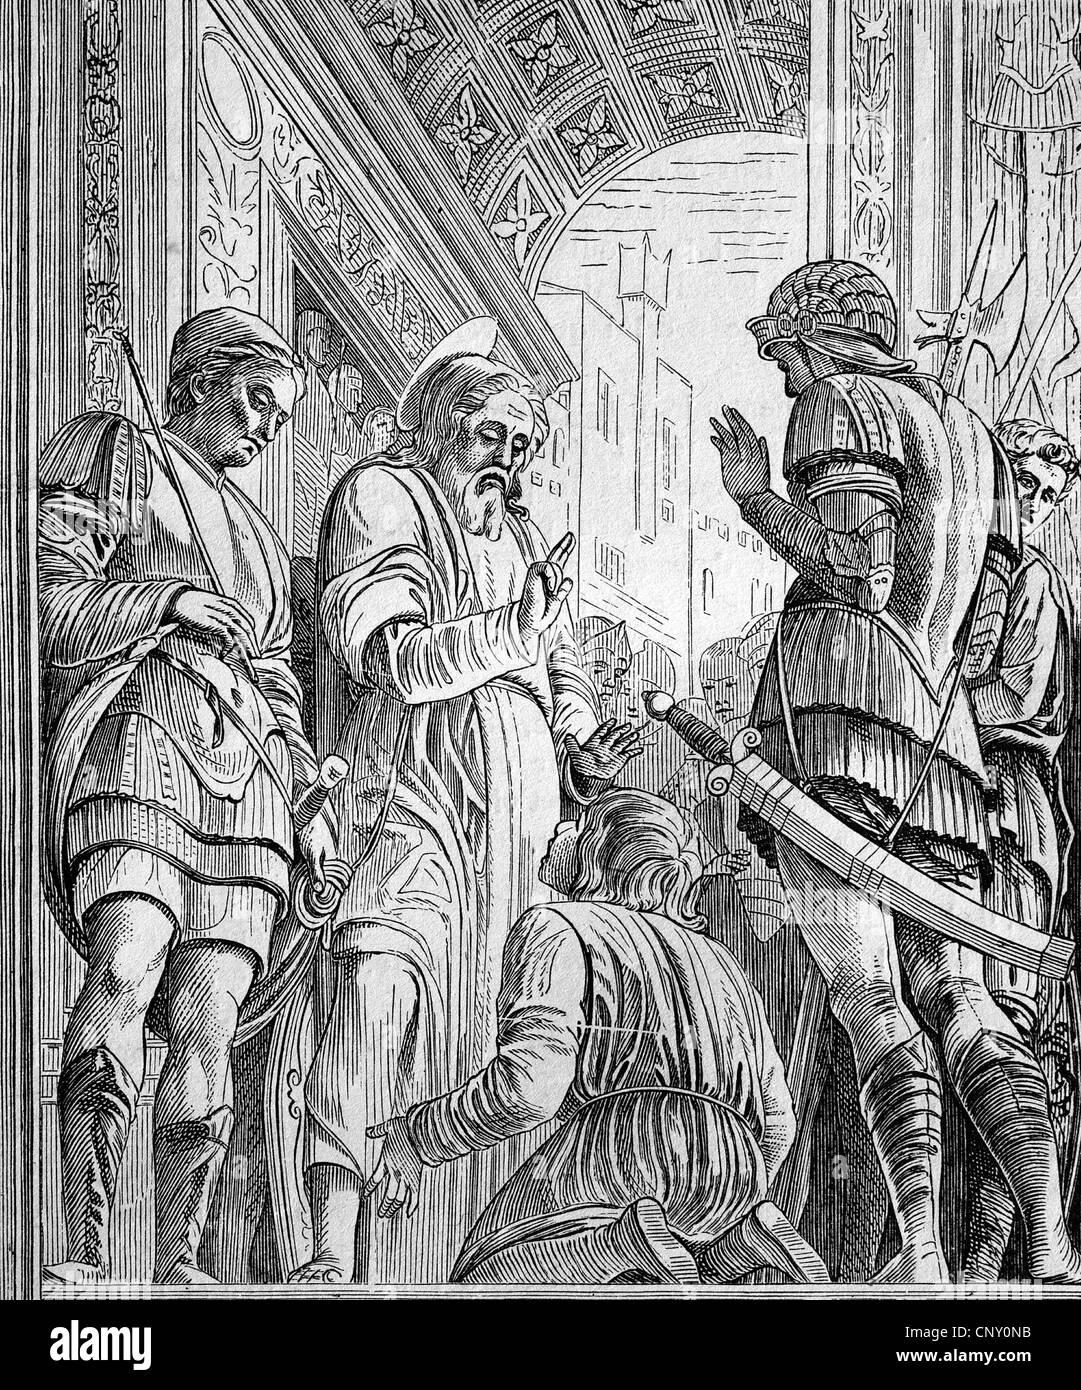 James l'Aîné, l'un des douze apôtres de Jésus, gravure sur bois, vers 1888 historique Photo Stock